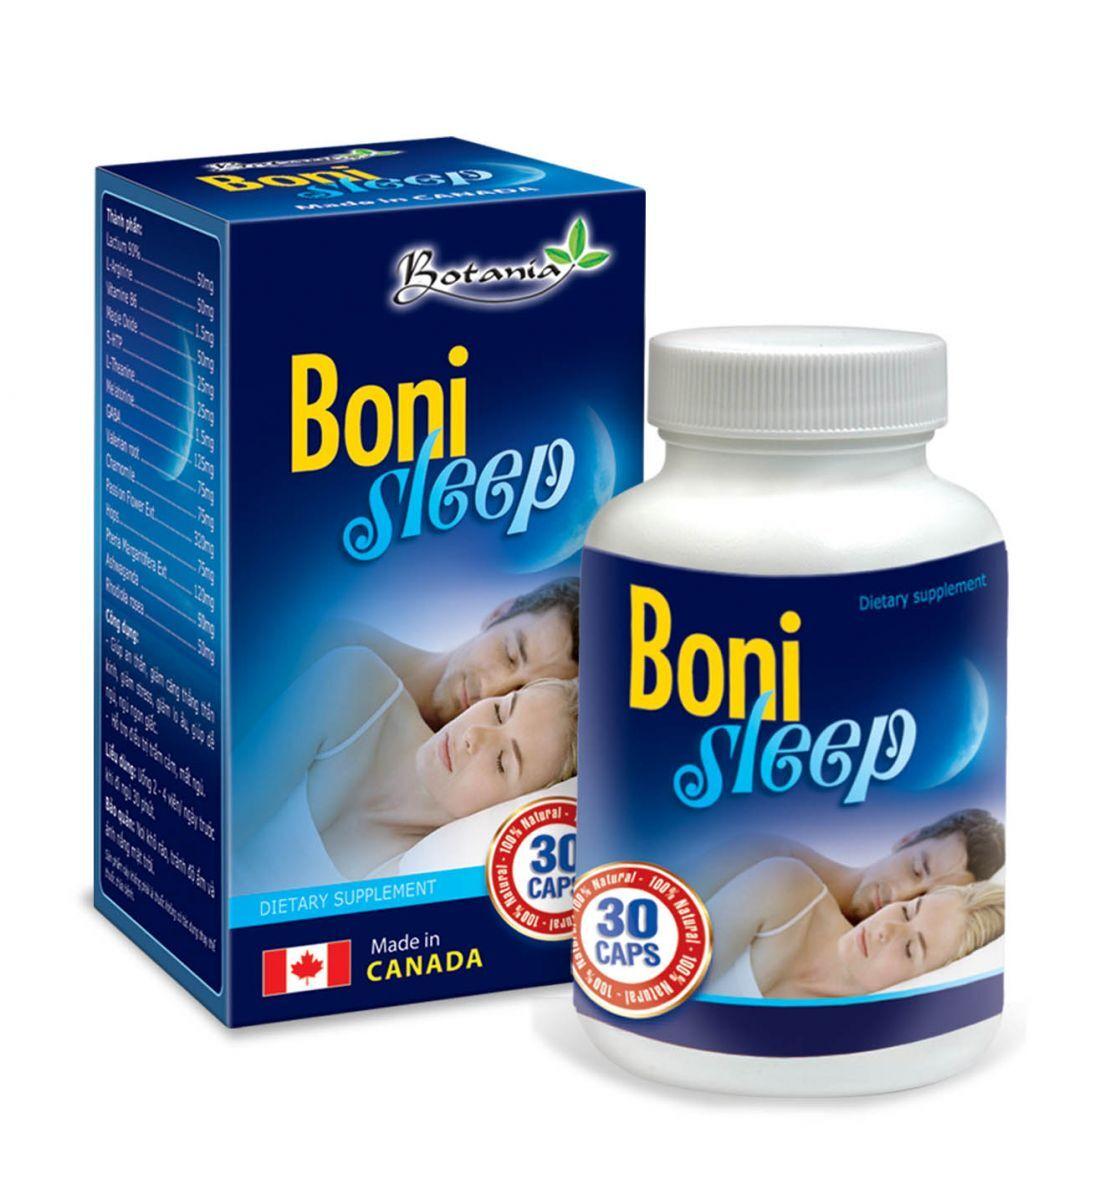 Thực phẩm chức năng giúp an thần BoniSleep